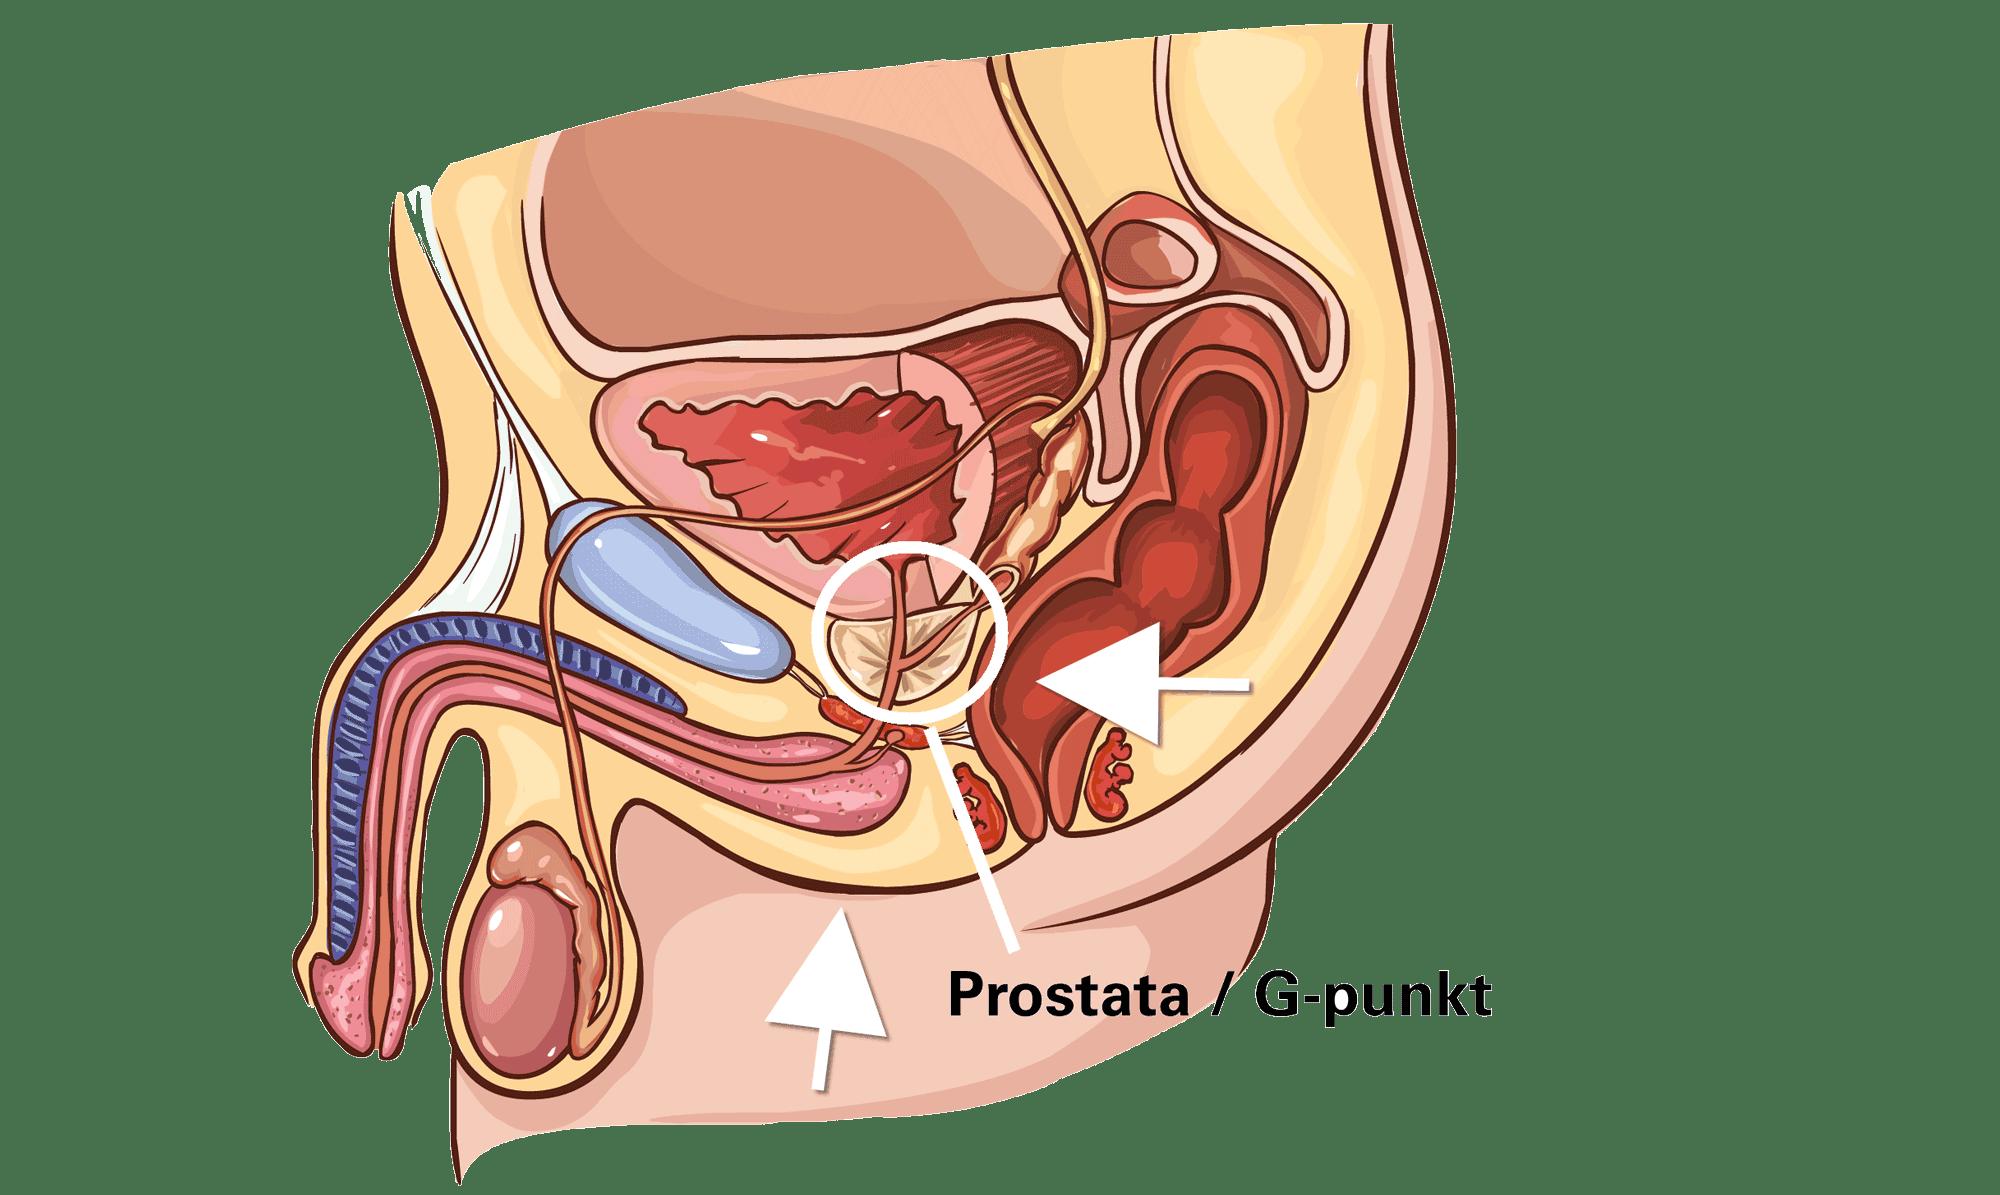 prostata udløsning